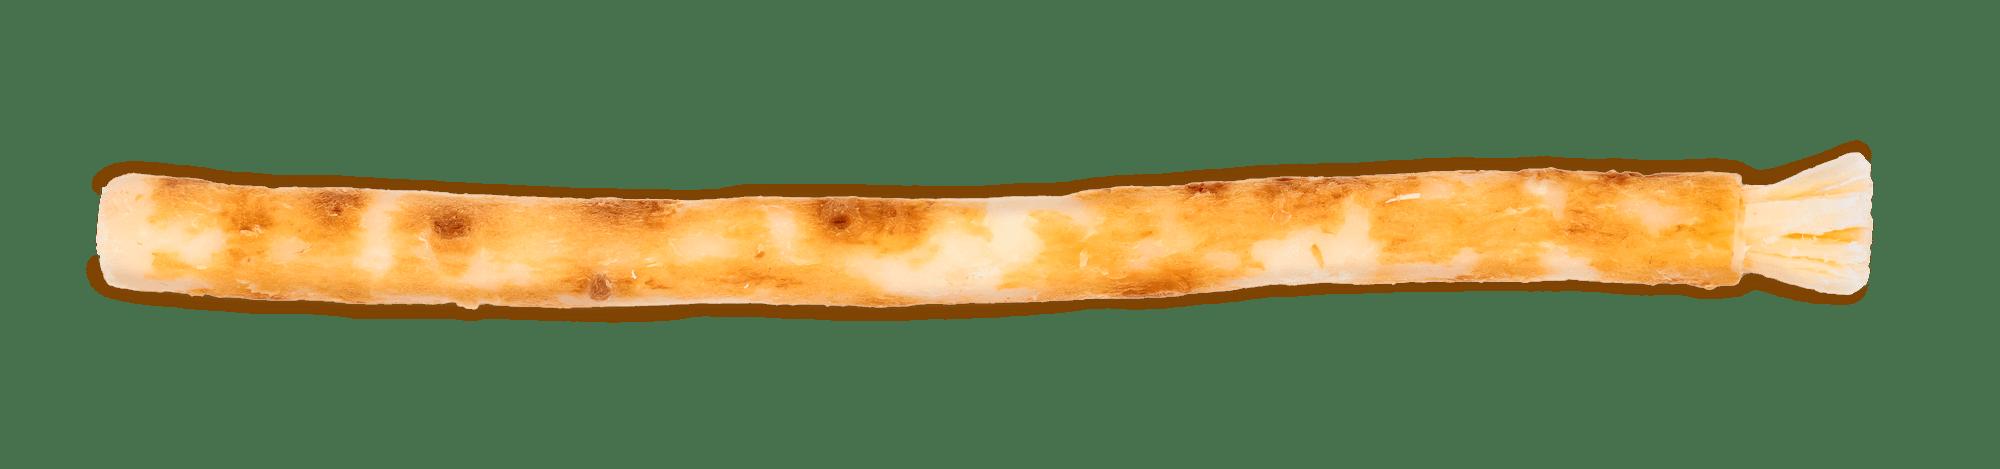 bâton de siwak